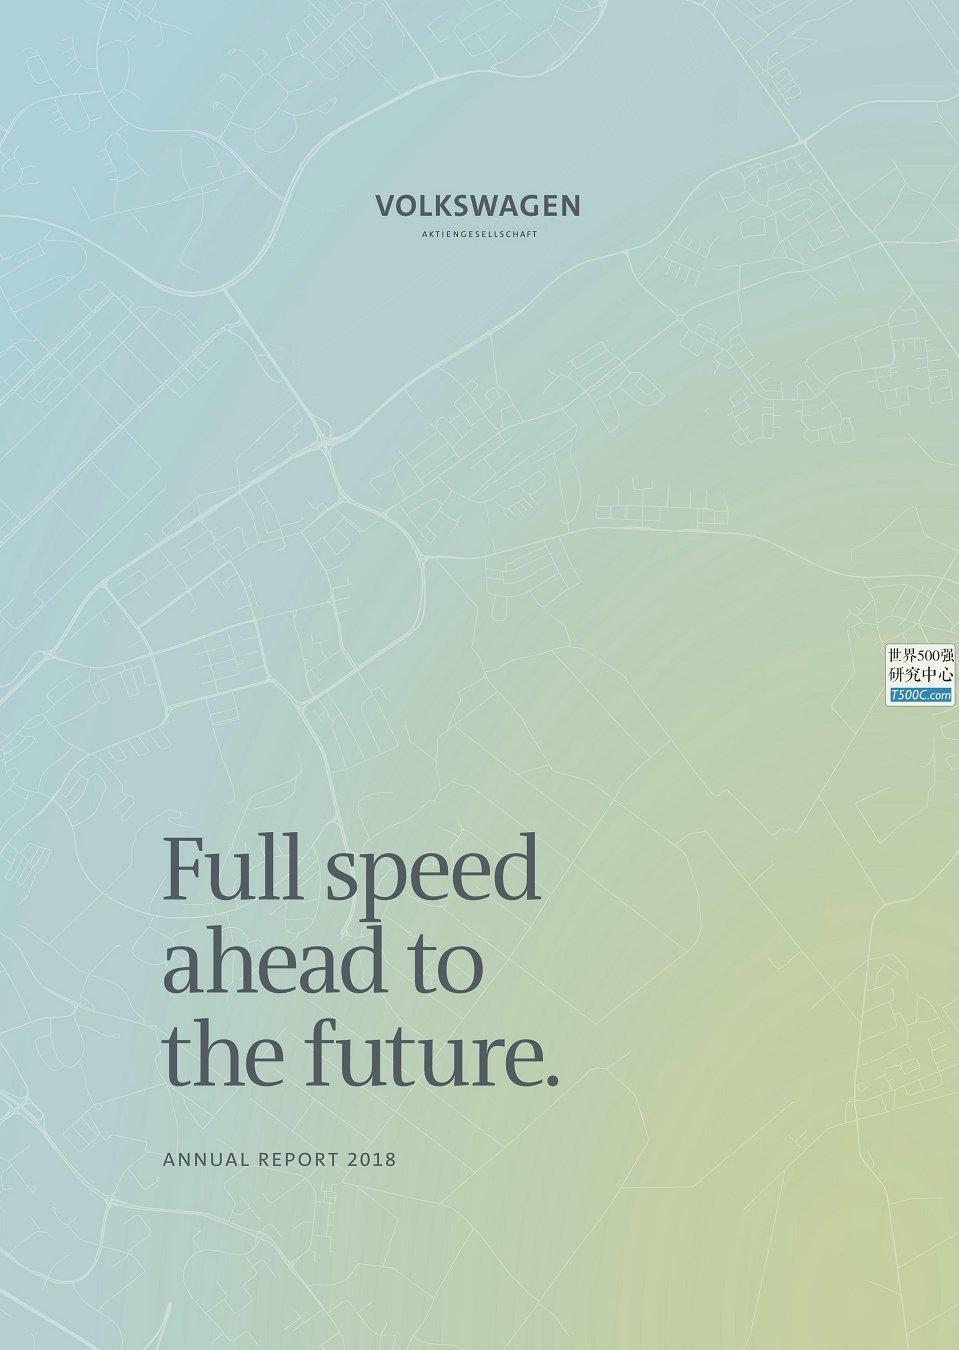 大众汽车Volkswagon_年报AnnualReport_2018